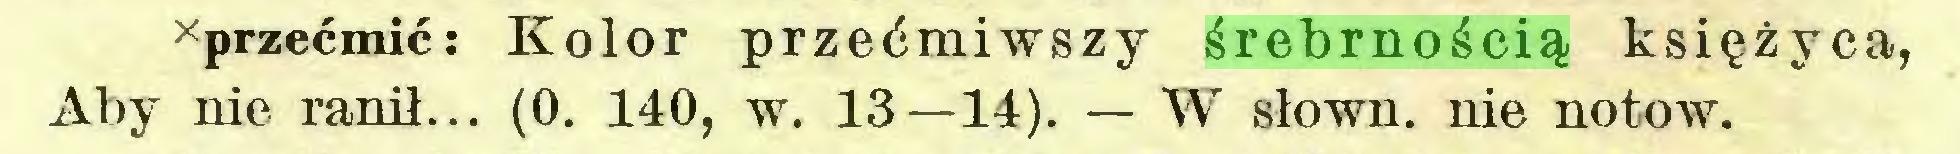 (...) xprzećmić: Kolor przećmiwszy śrebrnością księżyca, Aby nie ranił... (0. 140, w. 13—14). — W słown. nie notow...